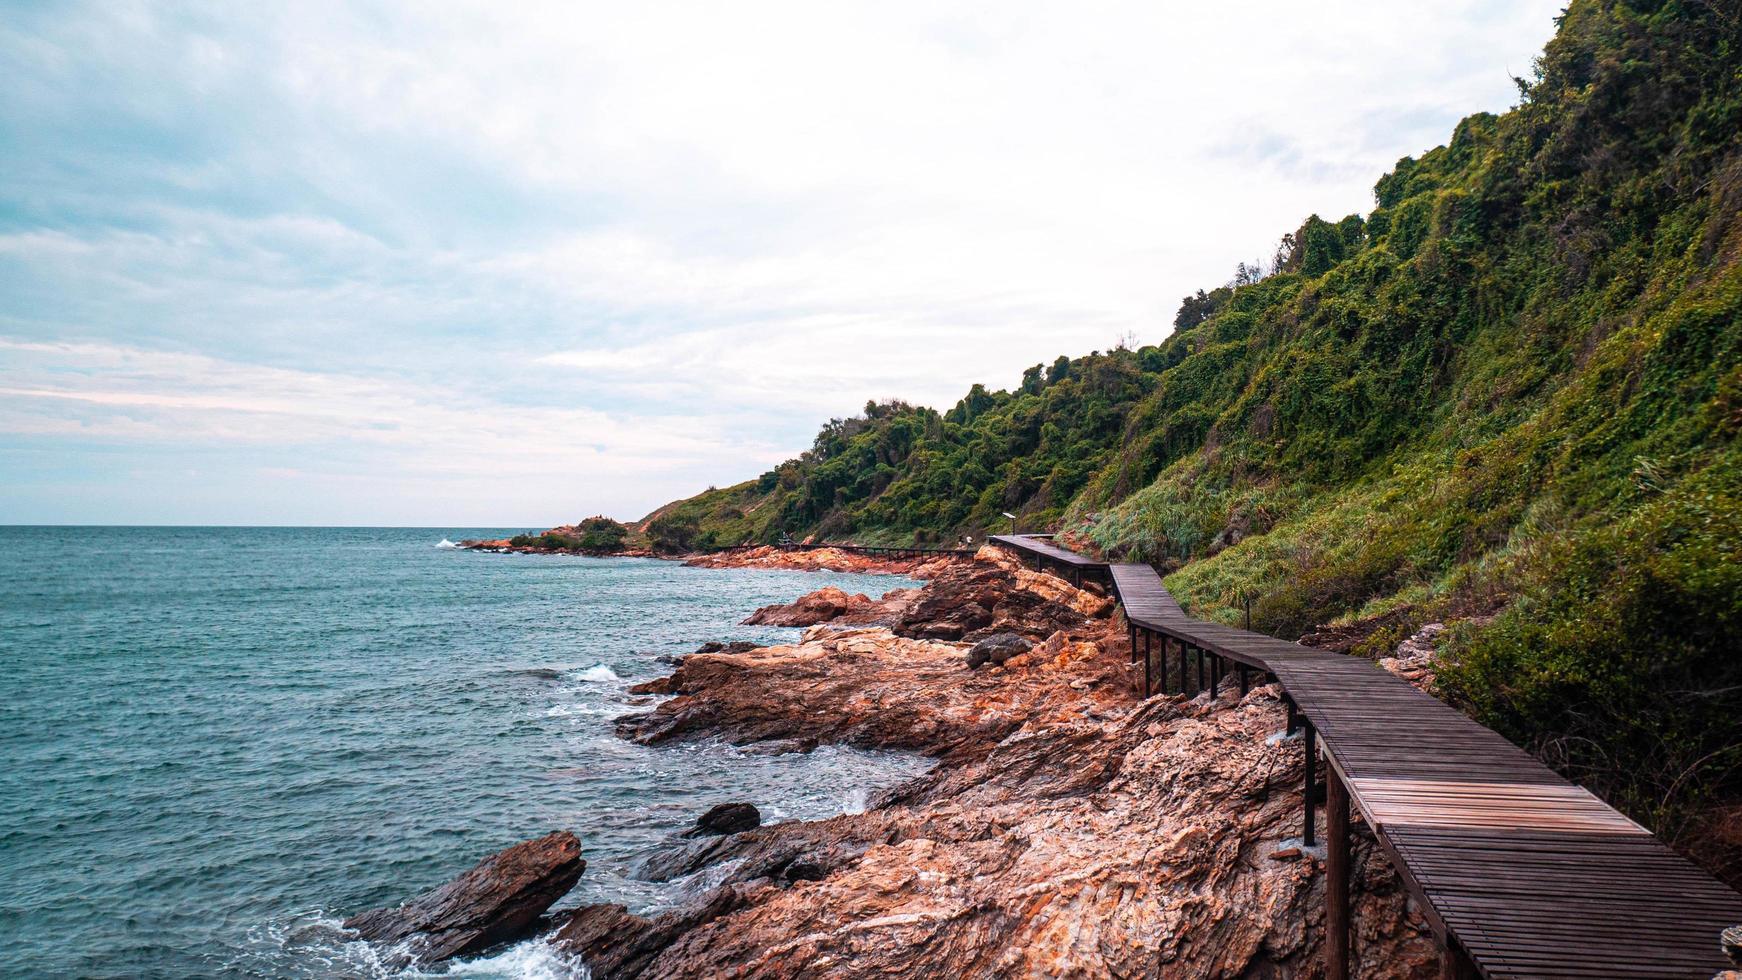 chemin en bois sur la montagne avec la belle vue sur la mer photo